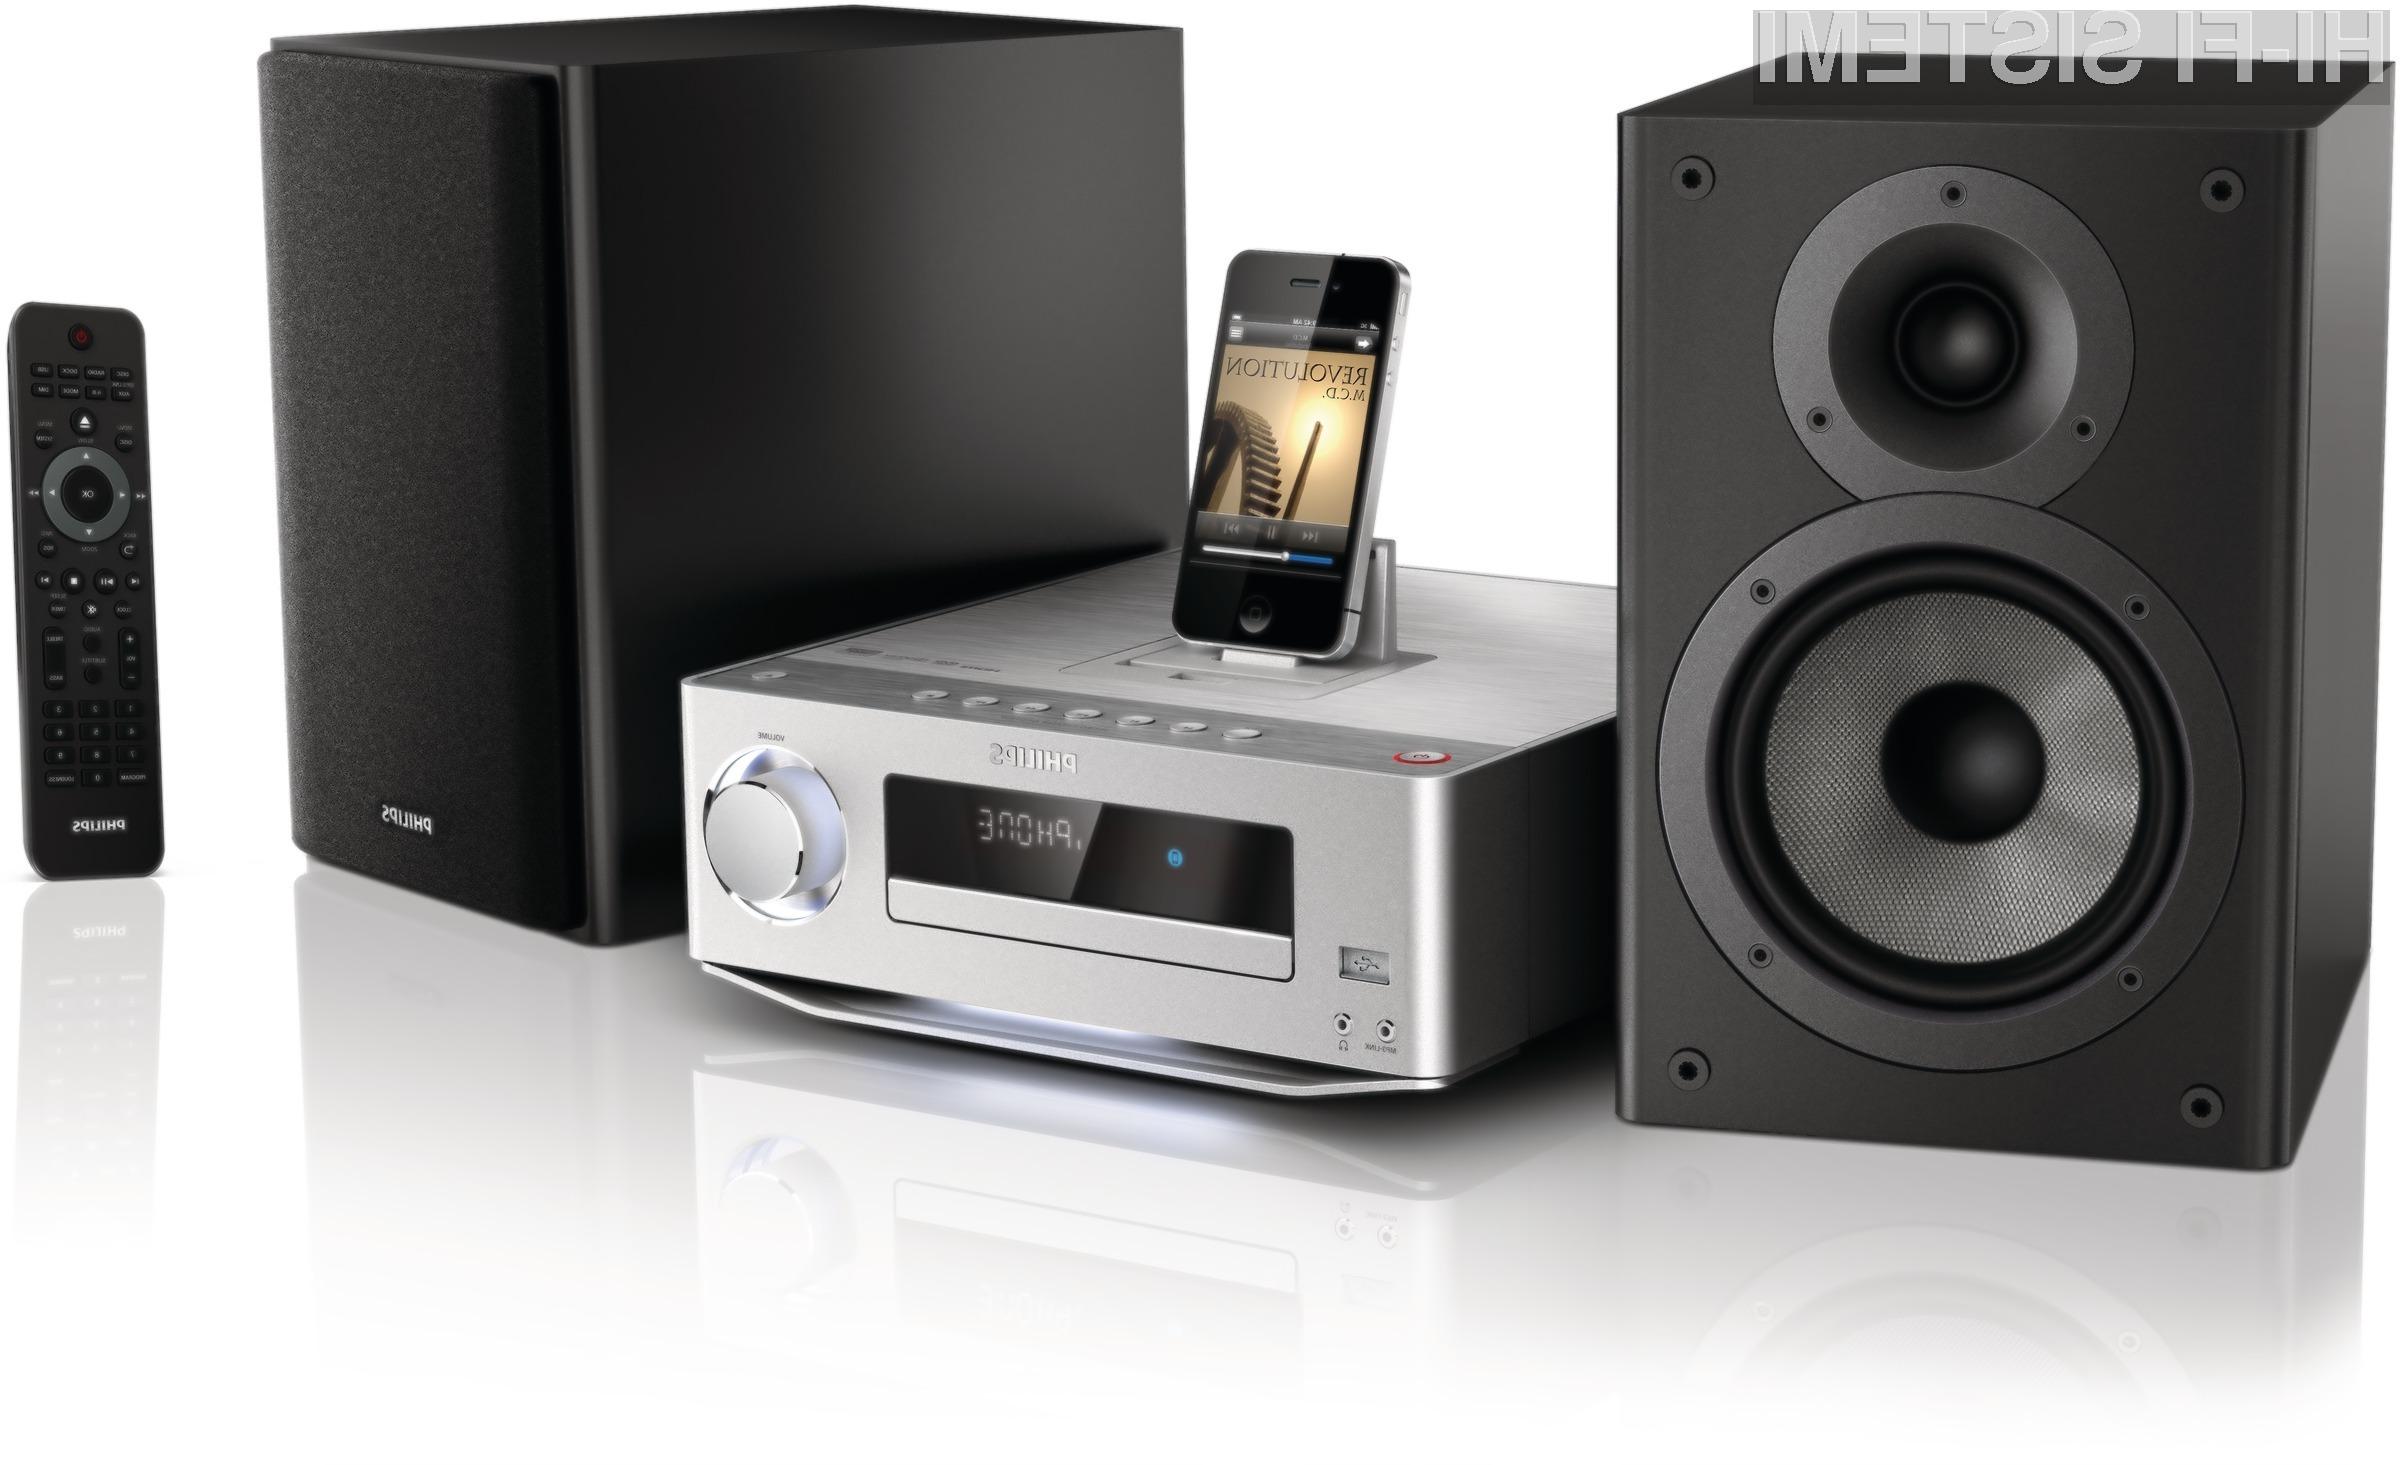 Philipsov DCD7010 bo uporabnikom ponudil izjemno čist in naraven zvok.